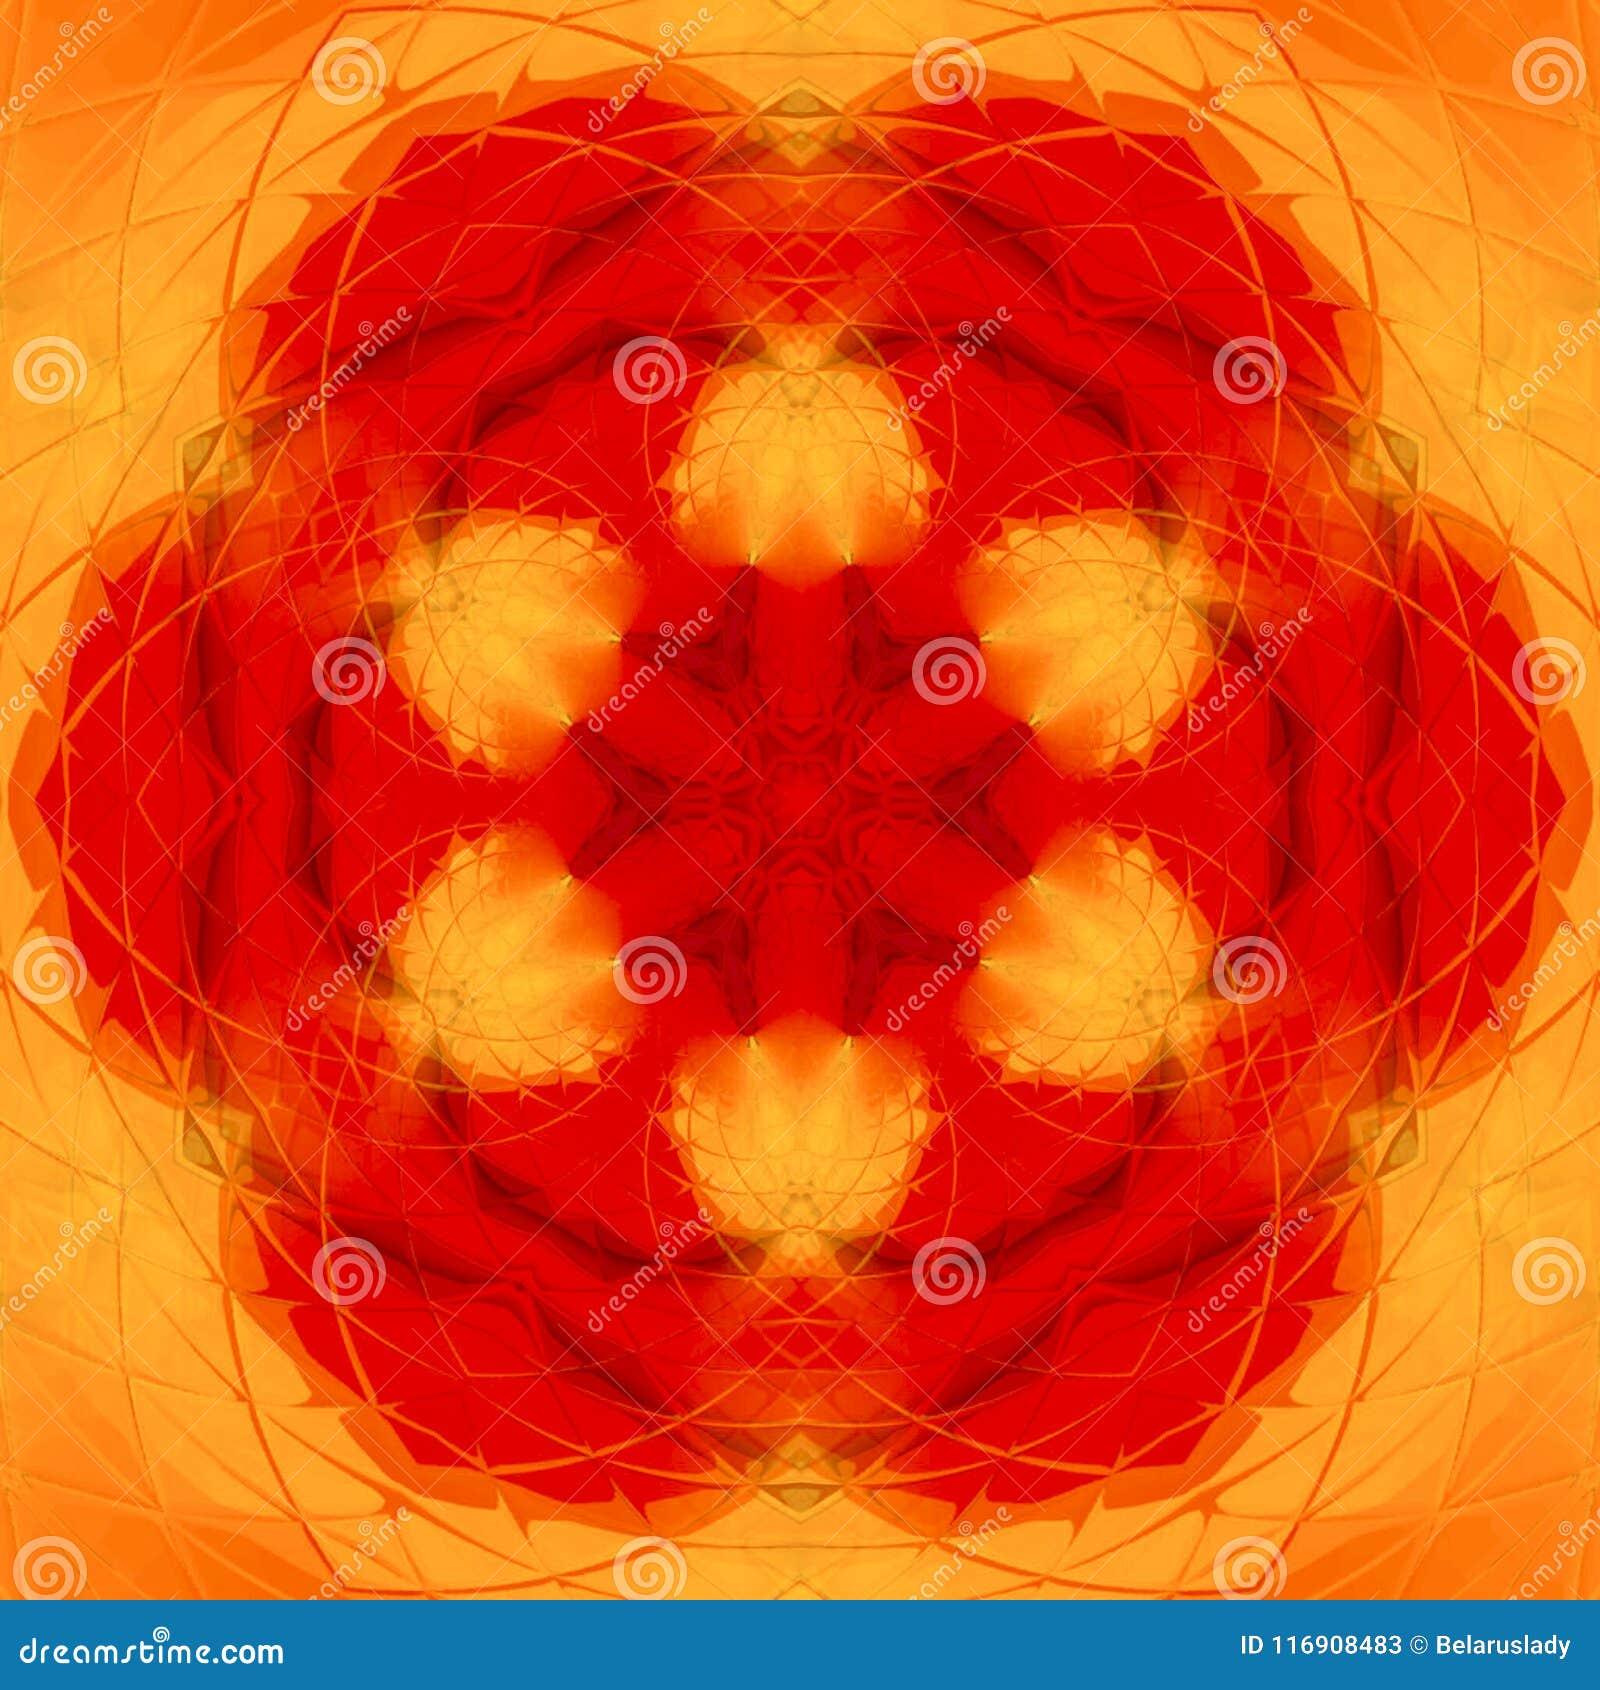 抽象桔子绘了万花筒,火坛场图片